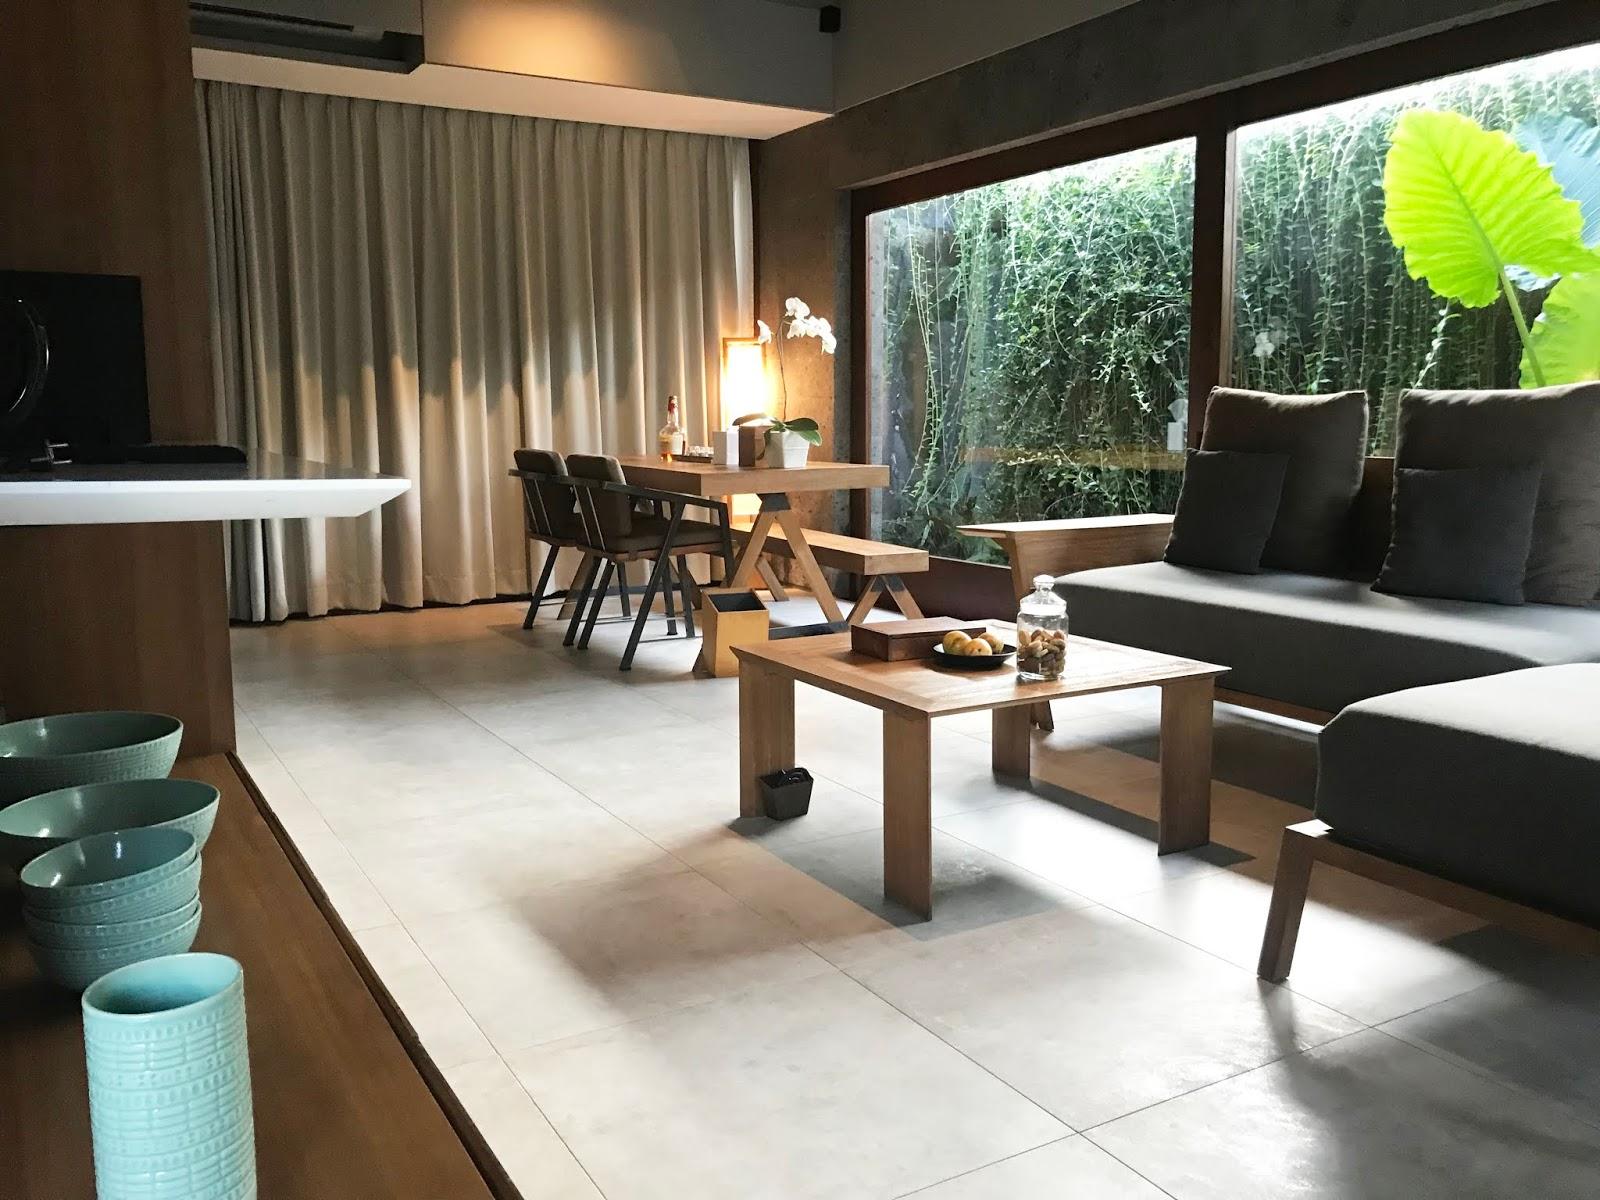 The Santai Living Room